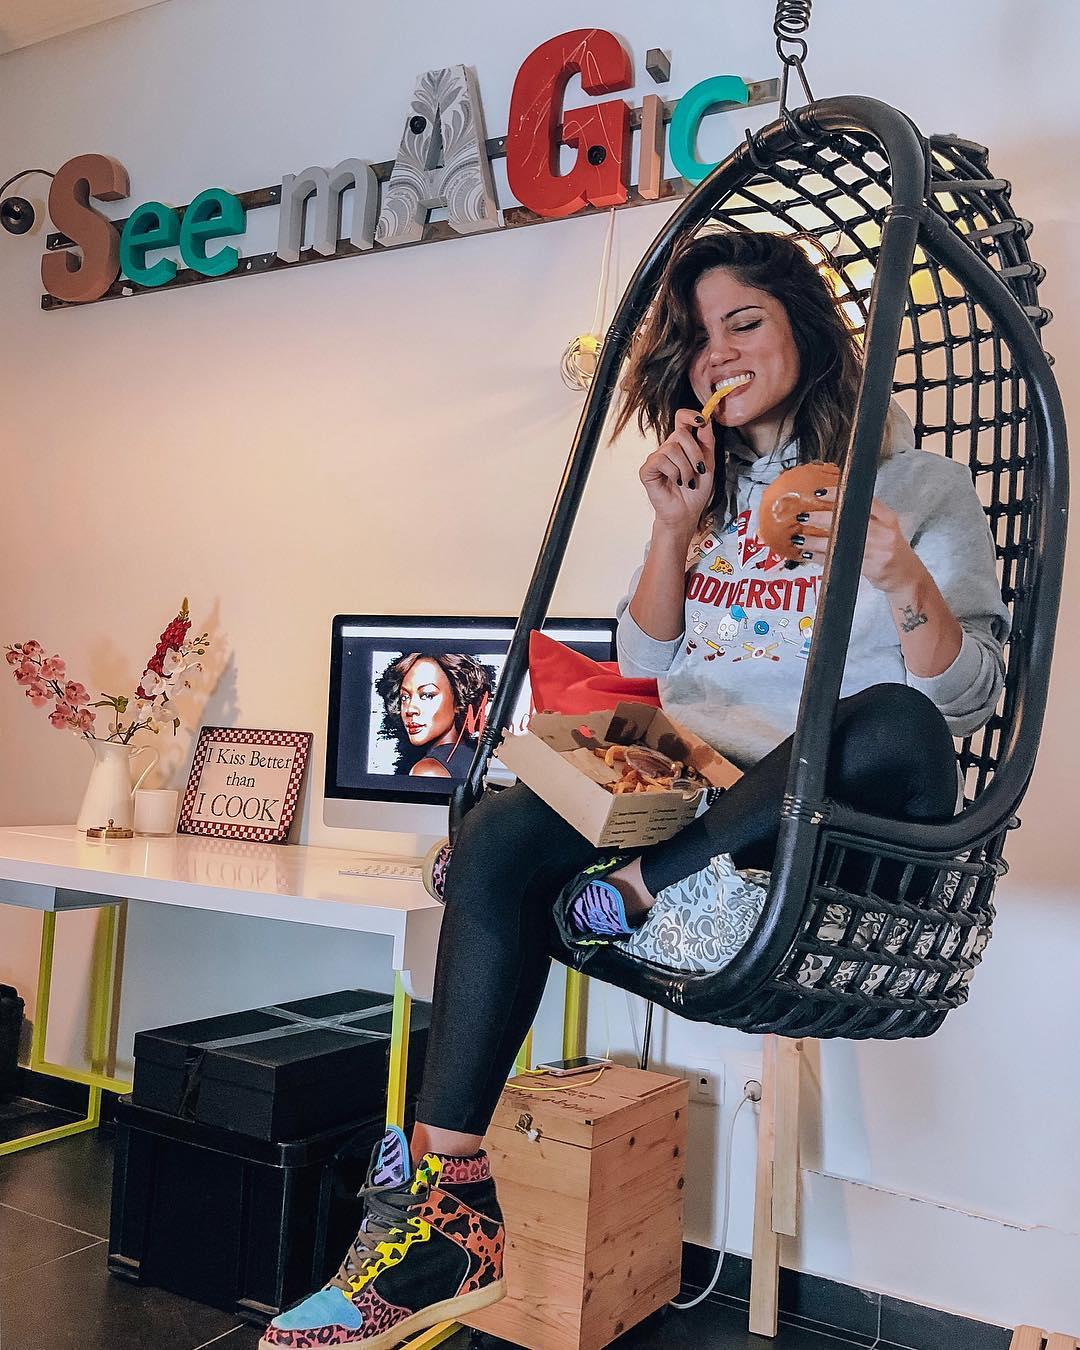 Η Μαίρη Συνατσάκη φωτογραφίζεται μέσα στην μπανιέρα της στο νέο της σπίτι! | tlife.gr